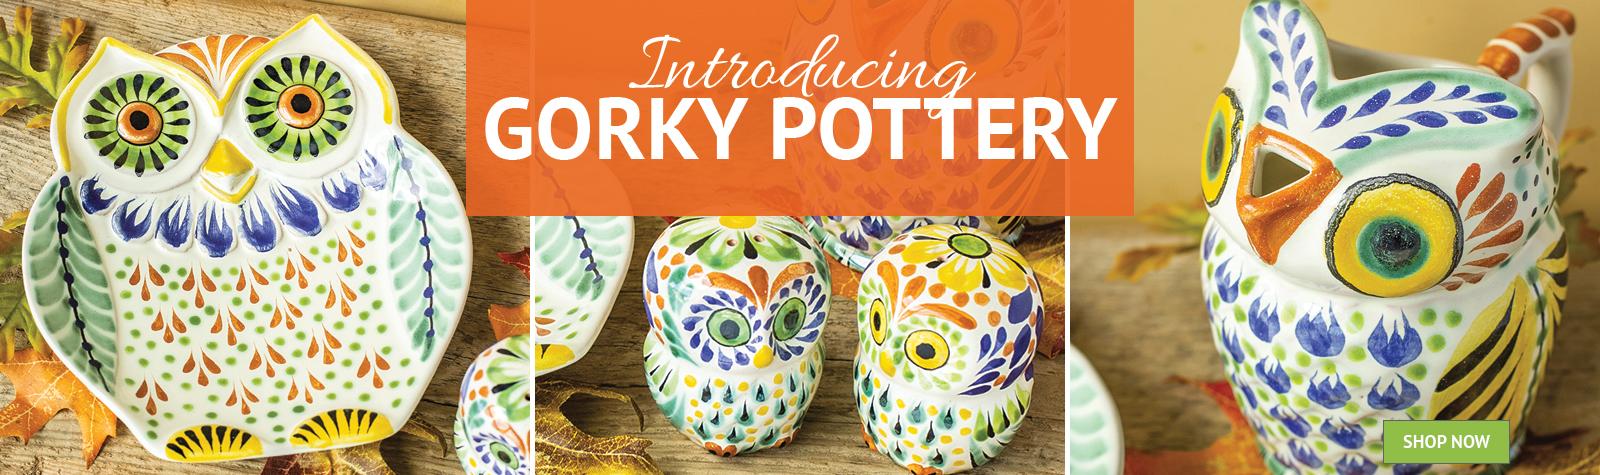 Gorky Pottery